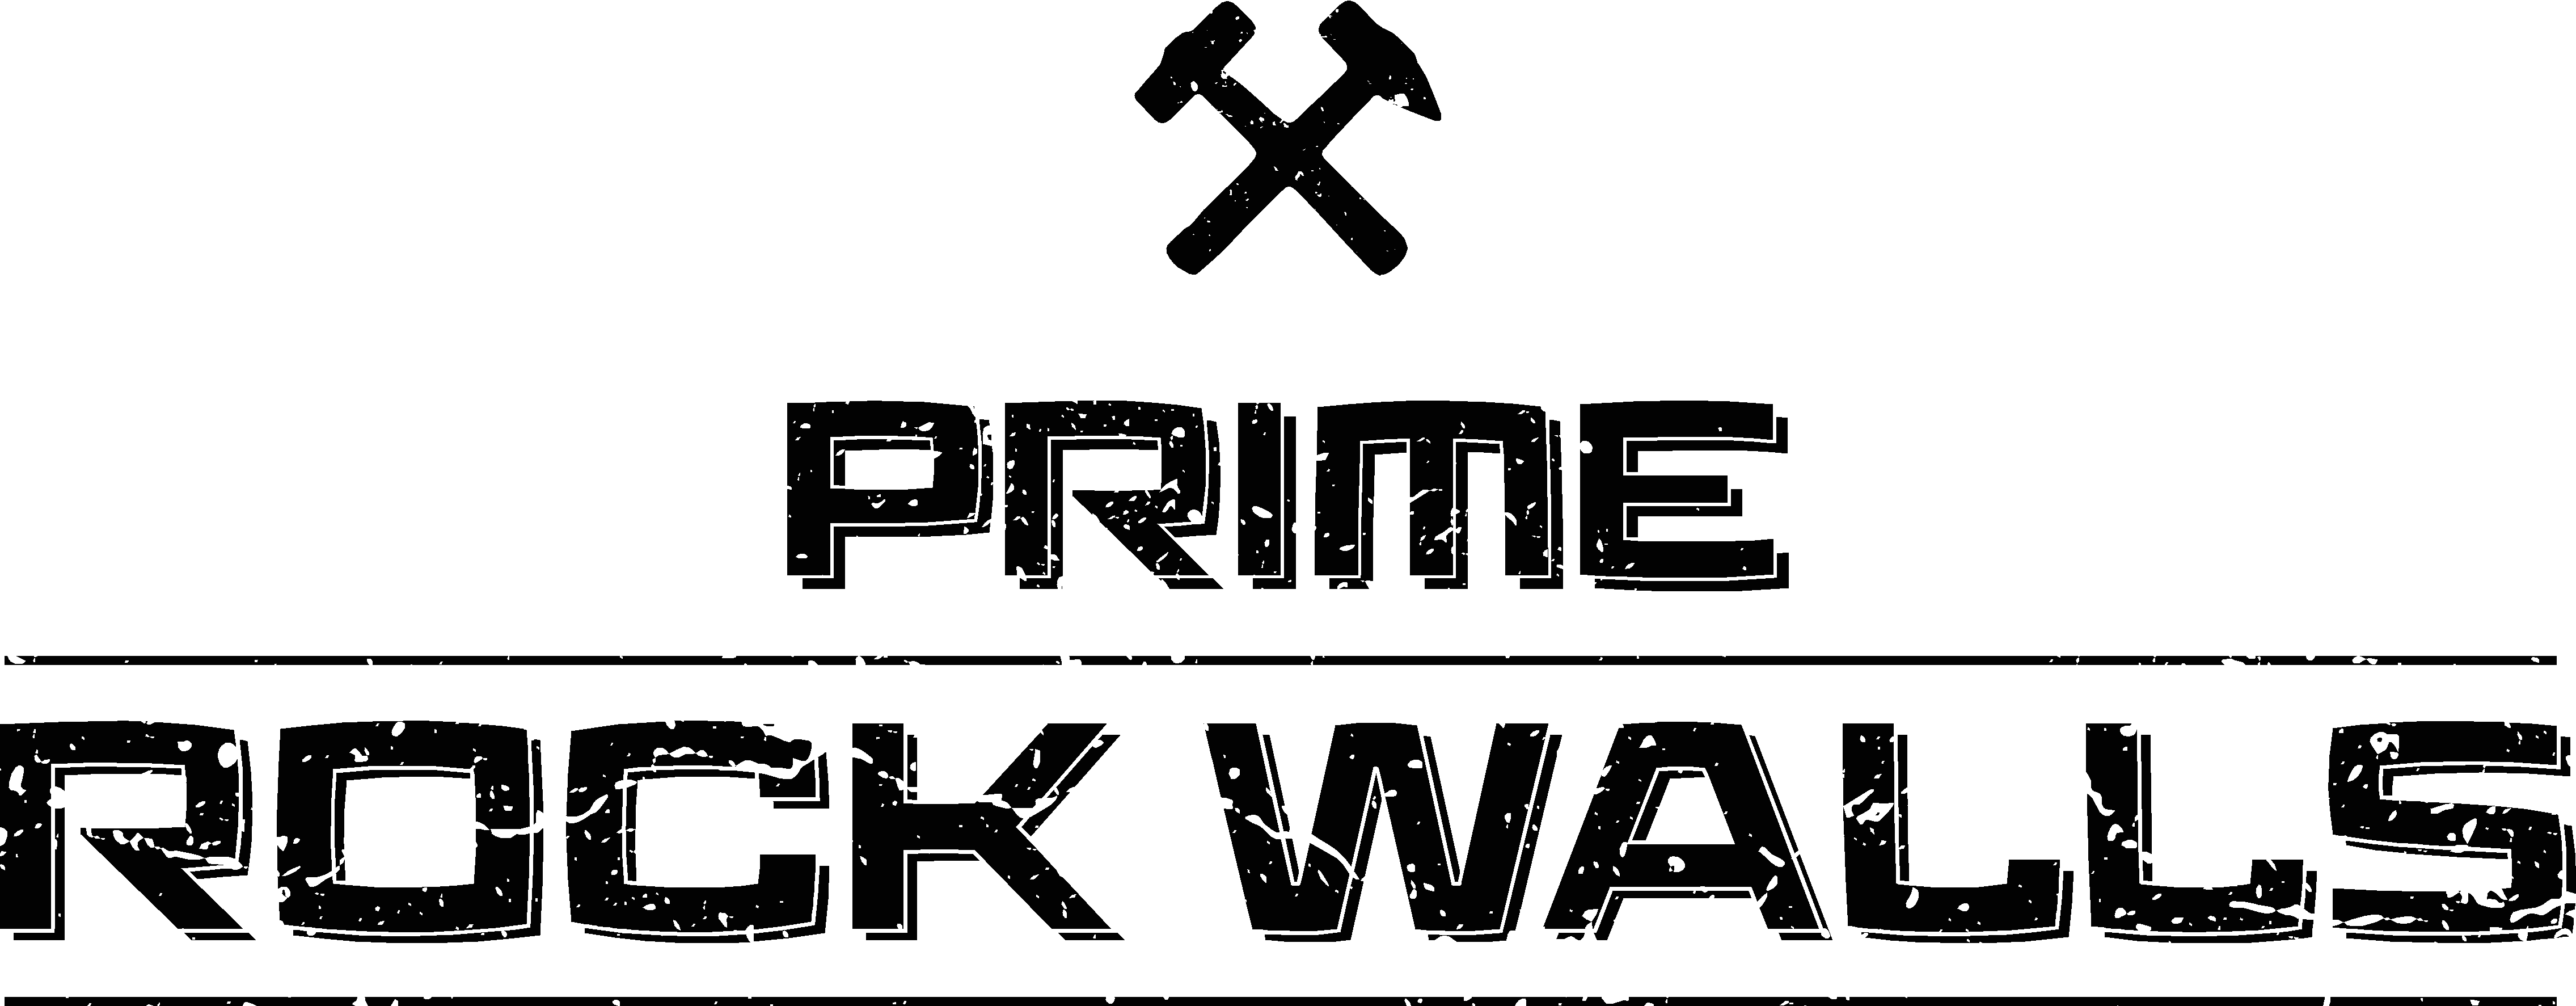 Prime Rock Walls